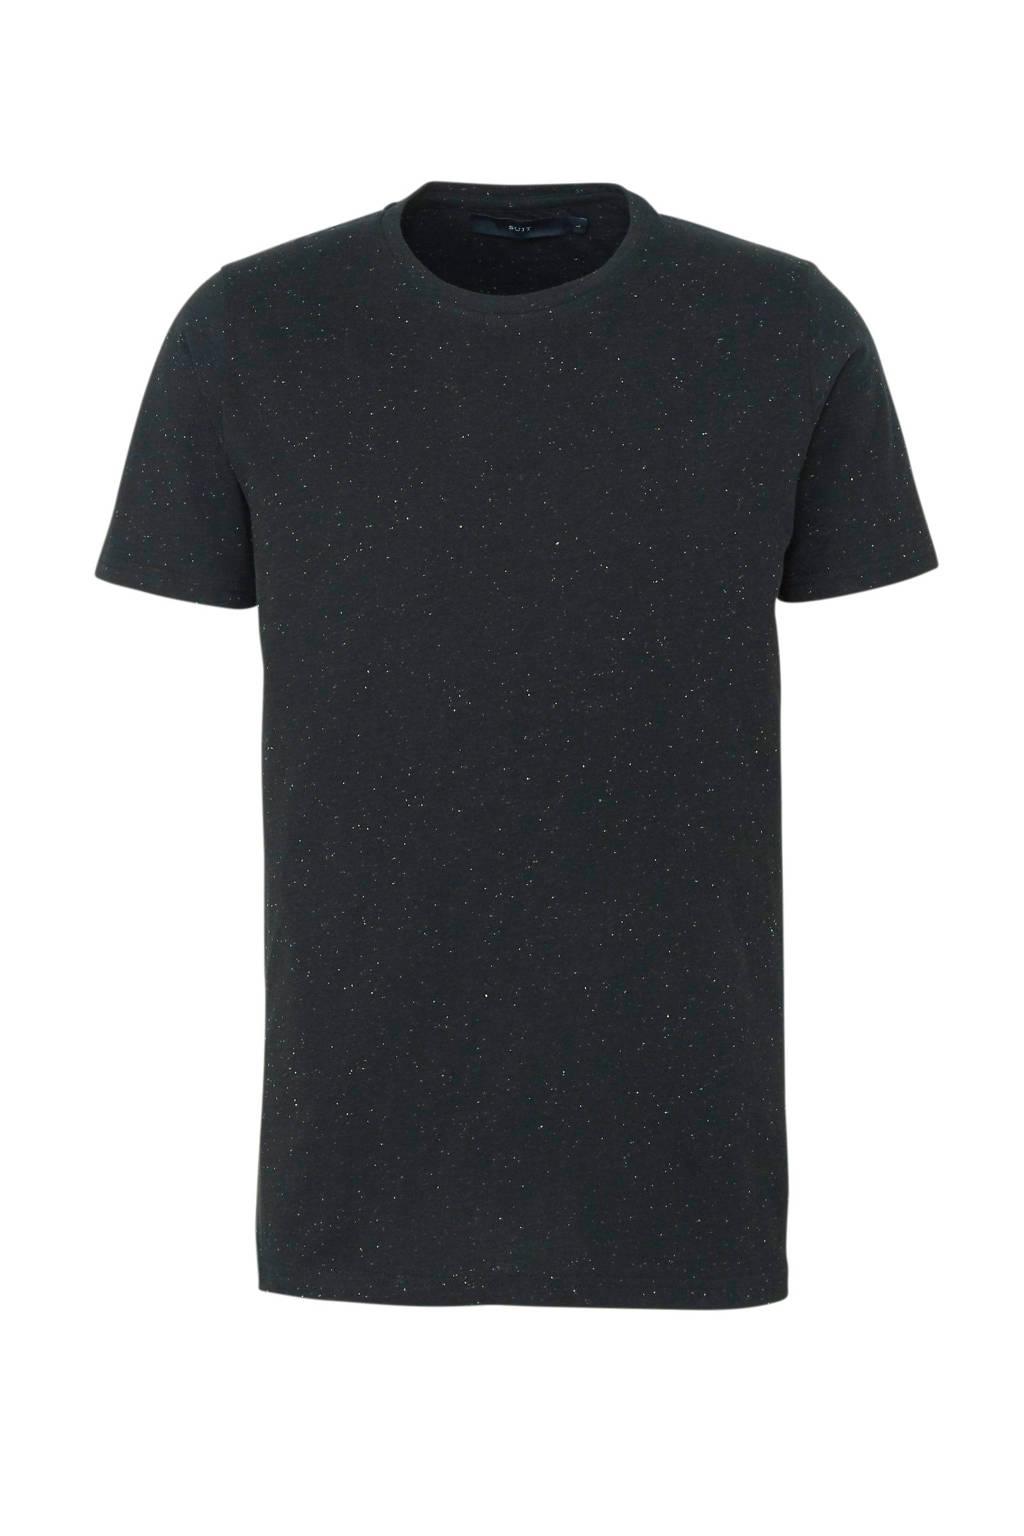 SUIT T-shirt met all over print zwart, Zwart